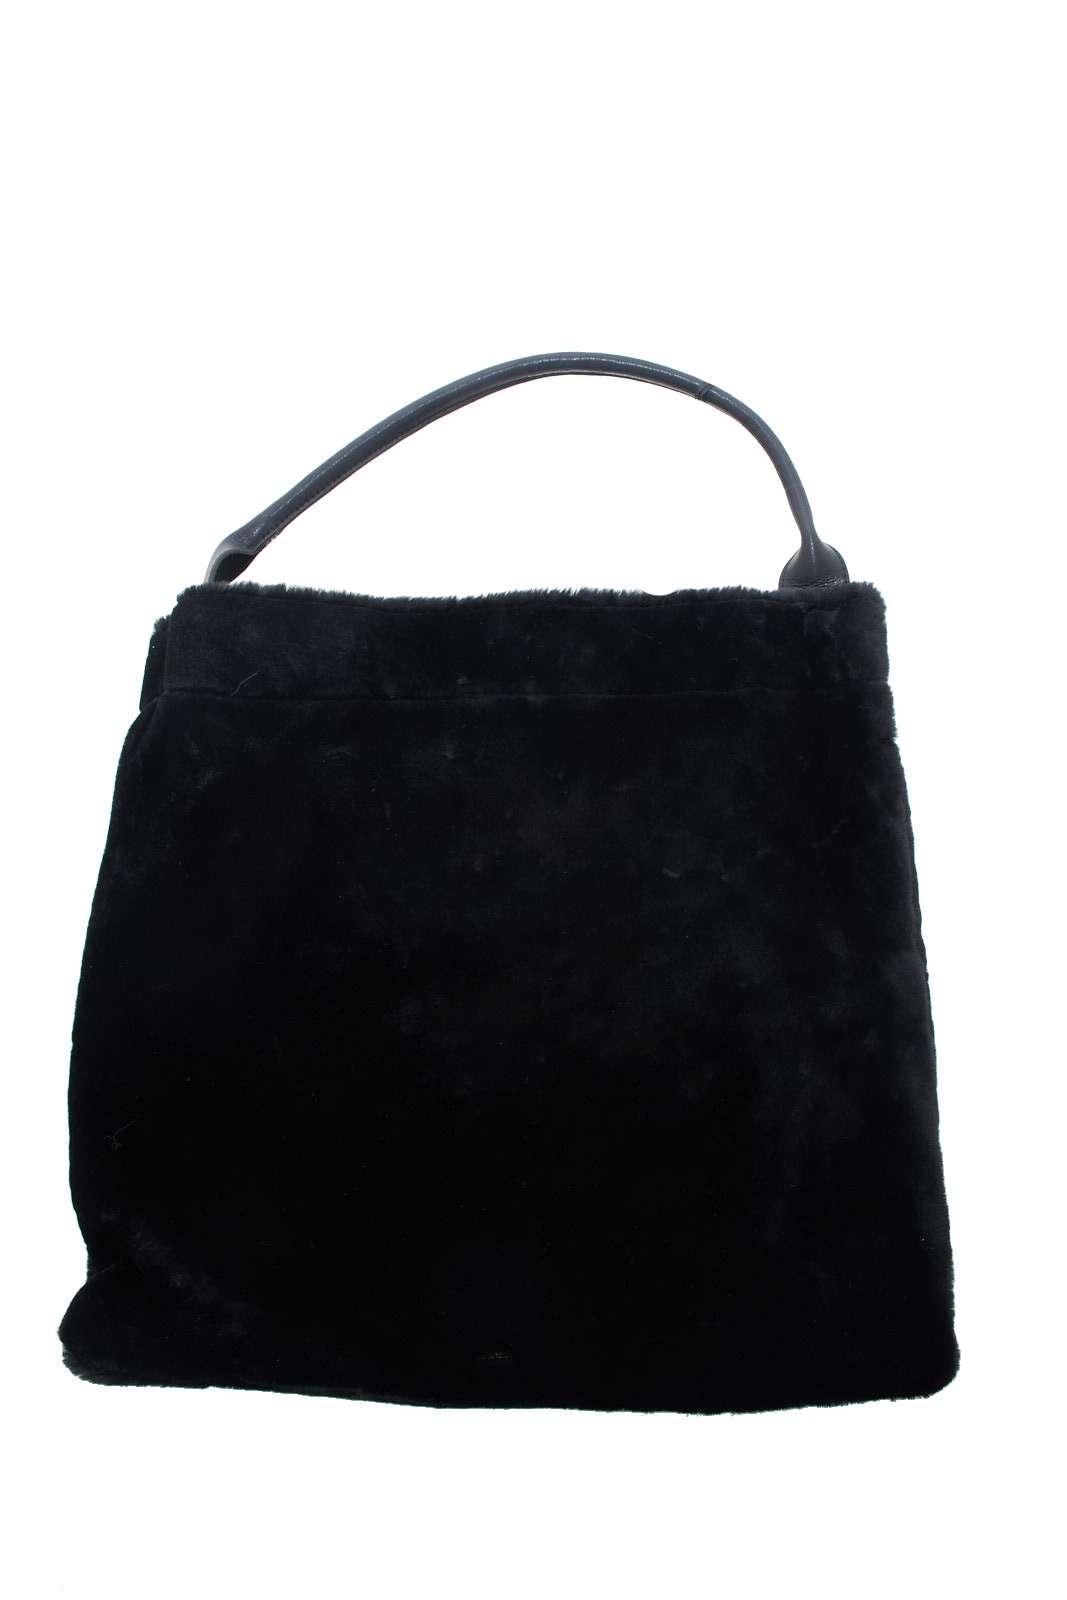 Una borsa a mano casual e spiritosa, totalmente ricoperta da un ecopelliccia, per un tocco insolito e moderno.  L'accessorio ideale per outfit quotidiani casual e informali, dove sorprenderai con stile.